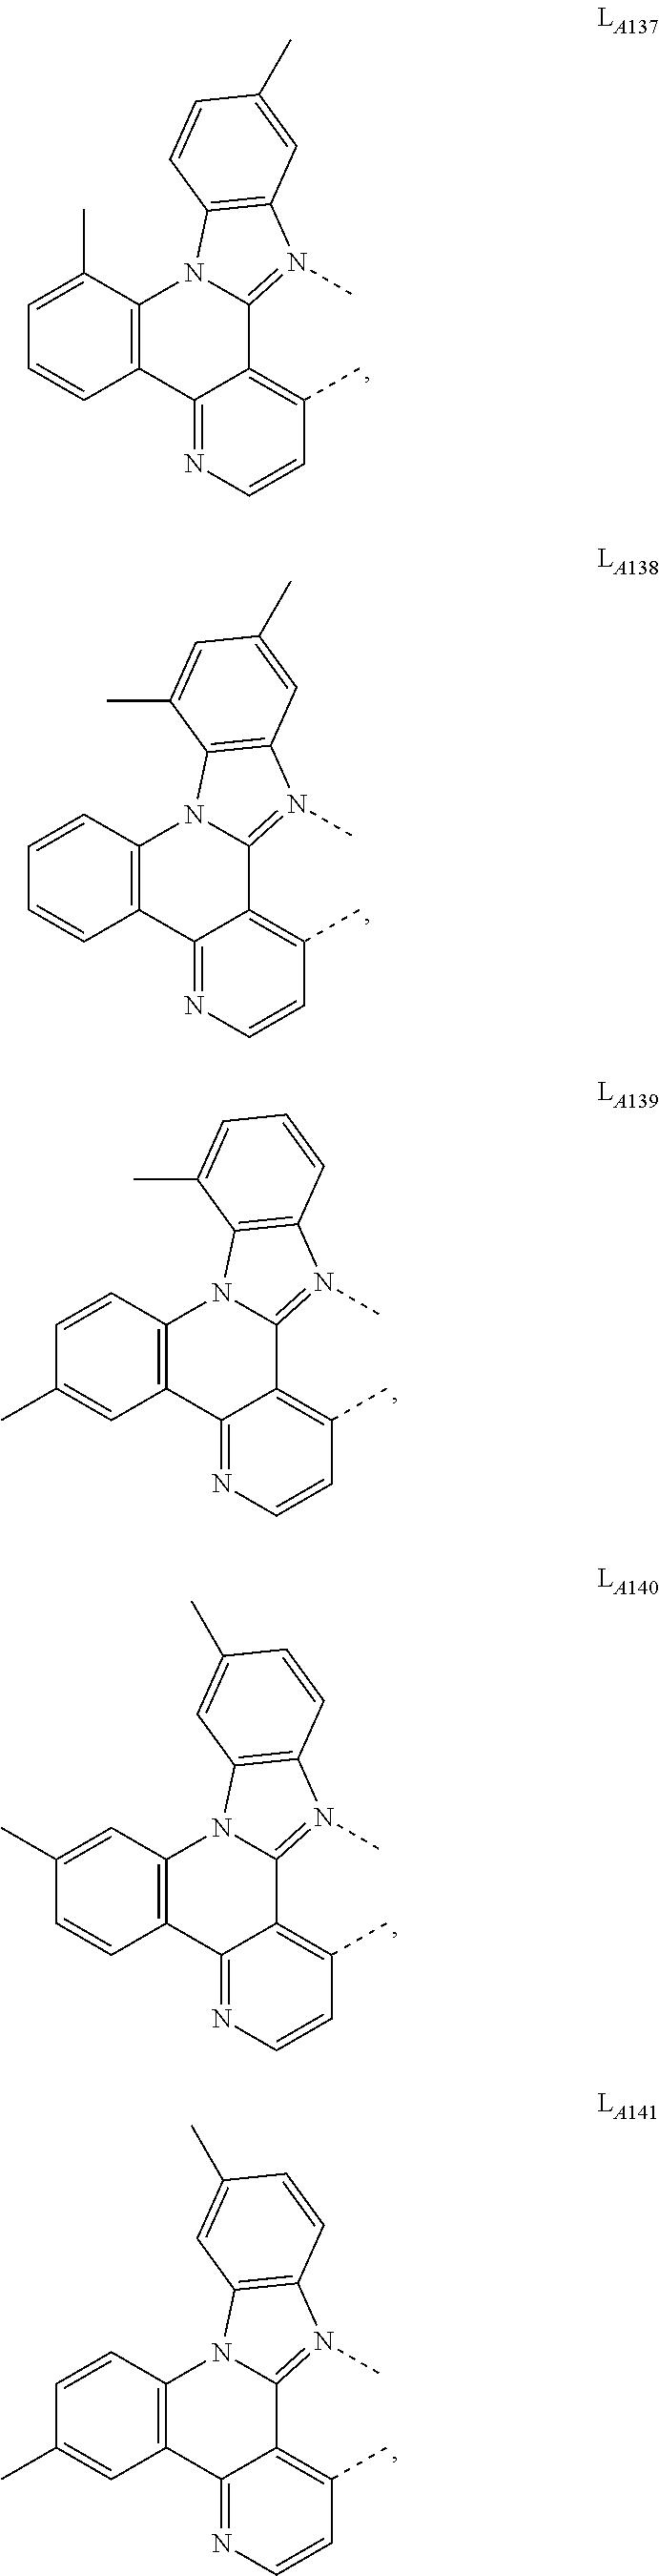 Figure US09905785-20180227-C00454